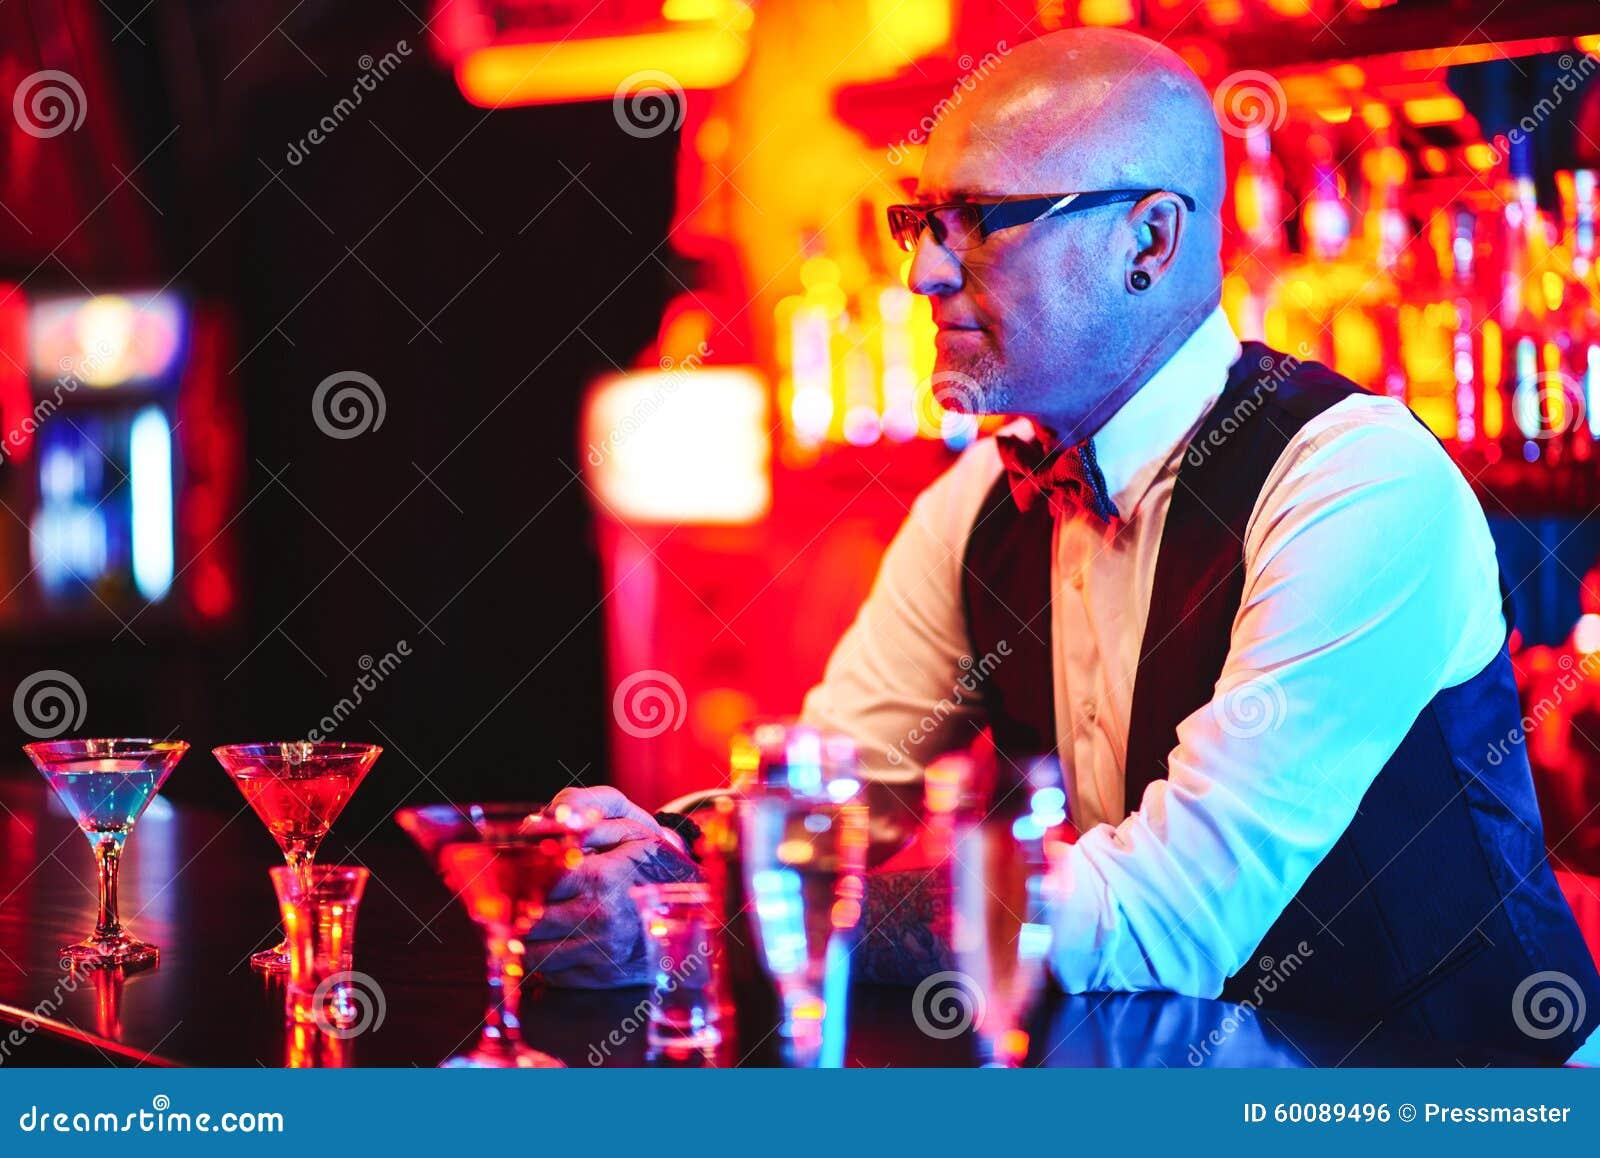 Барменом в ночном клубе москву в ночной клубе секс